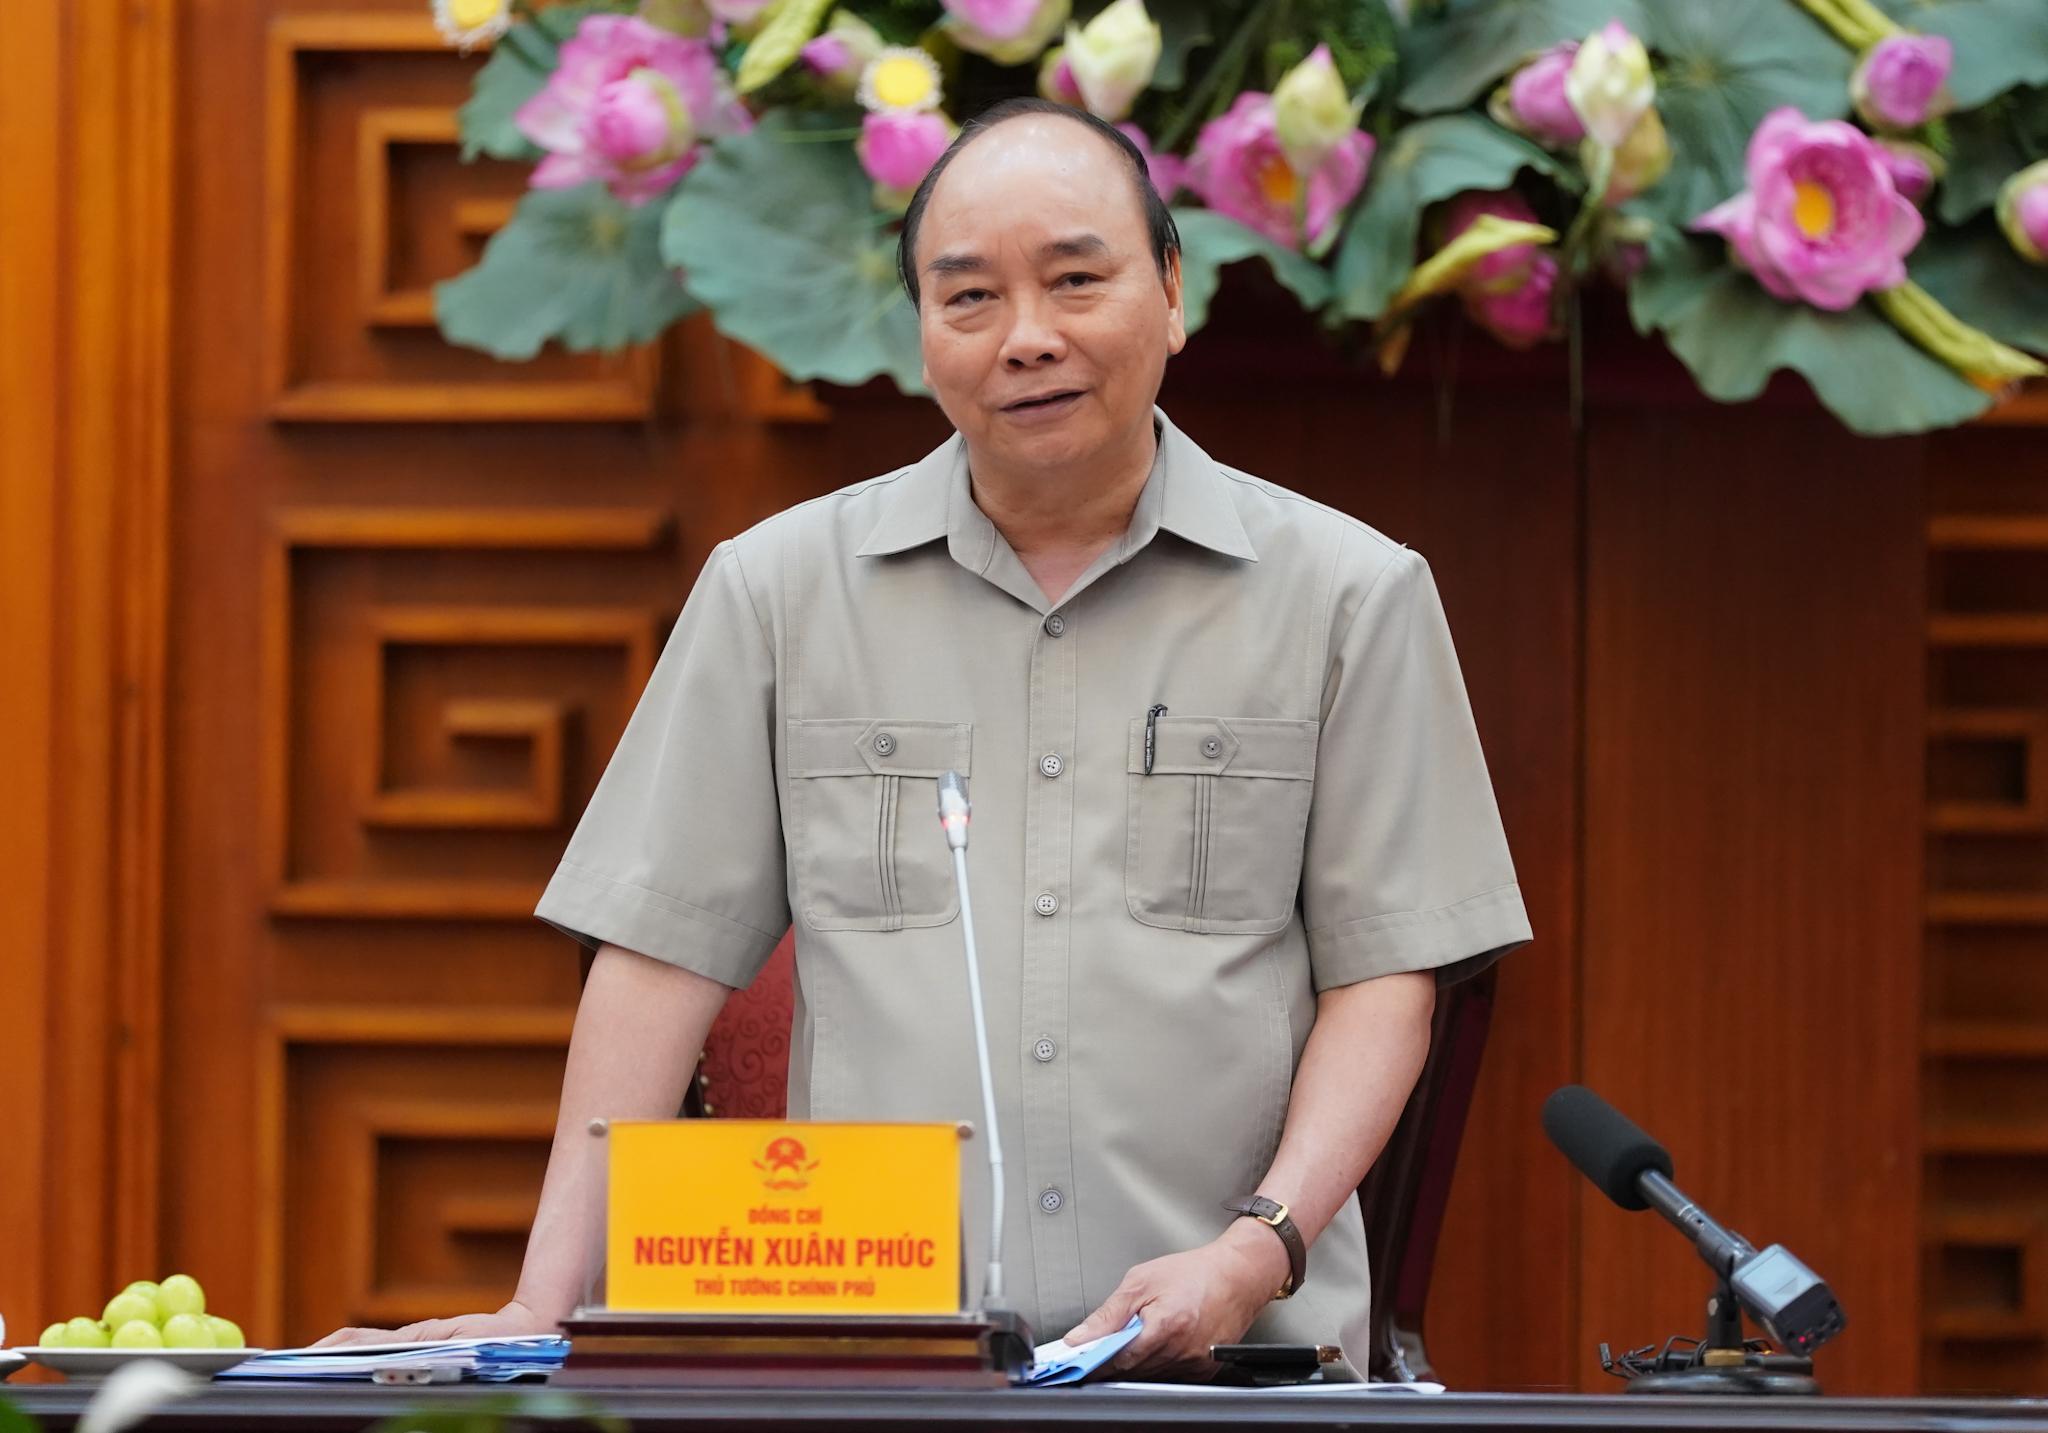 Thủ tướng Nguyễn Xuân Phúc: Mỗi gia đình là một pháo đài chống dịch